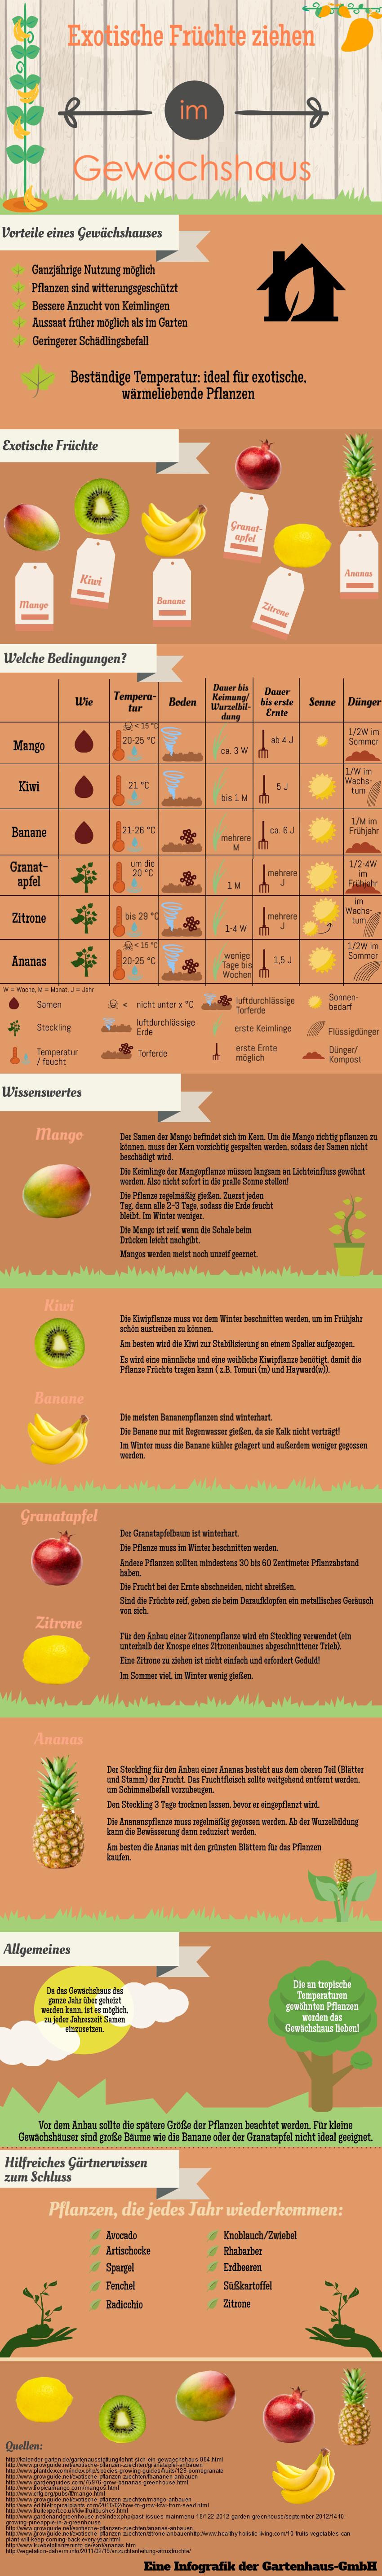 Exotische Fruechte im Gewaechshaus - Infografik